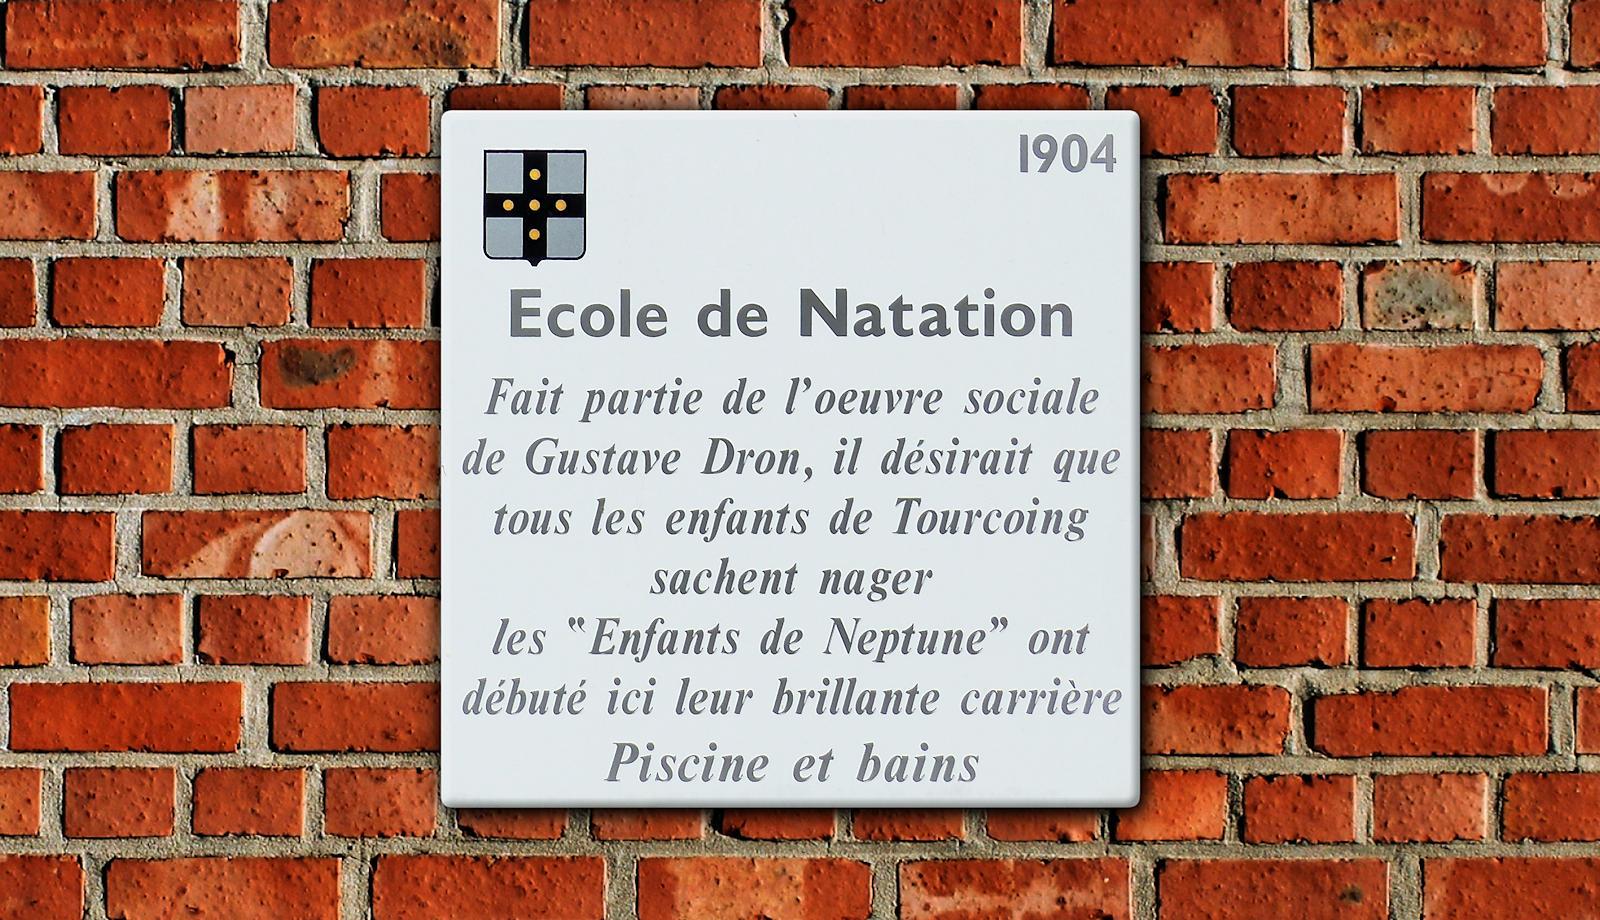 Ancienne École de Natation - Tourcoing, rue Gabriel Péri.